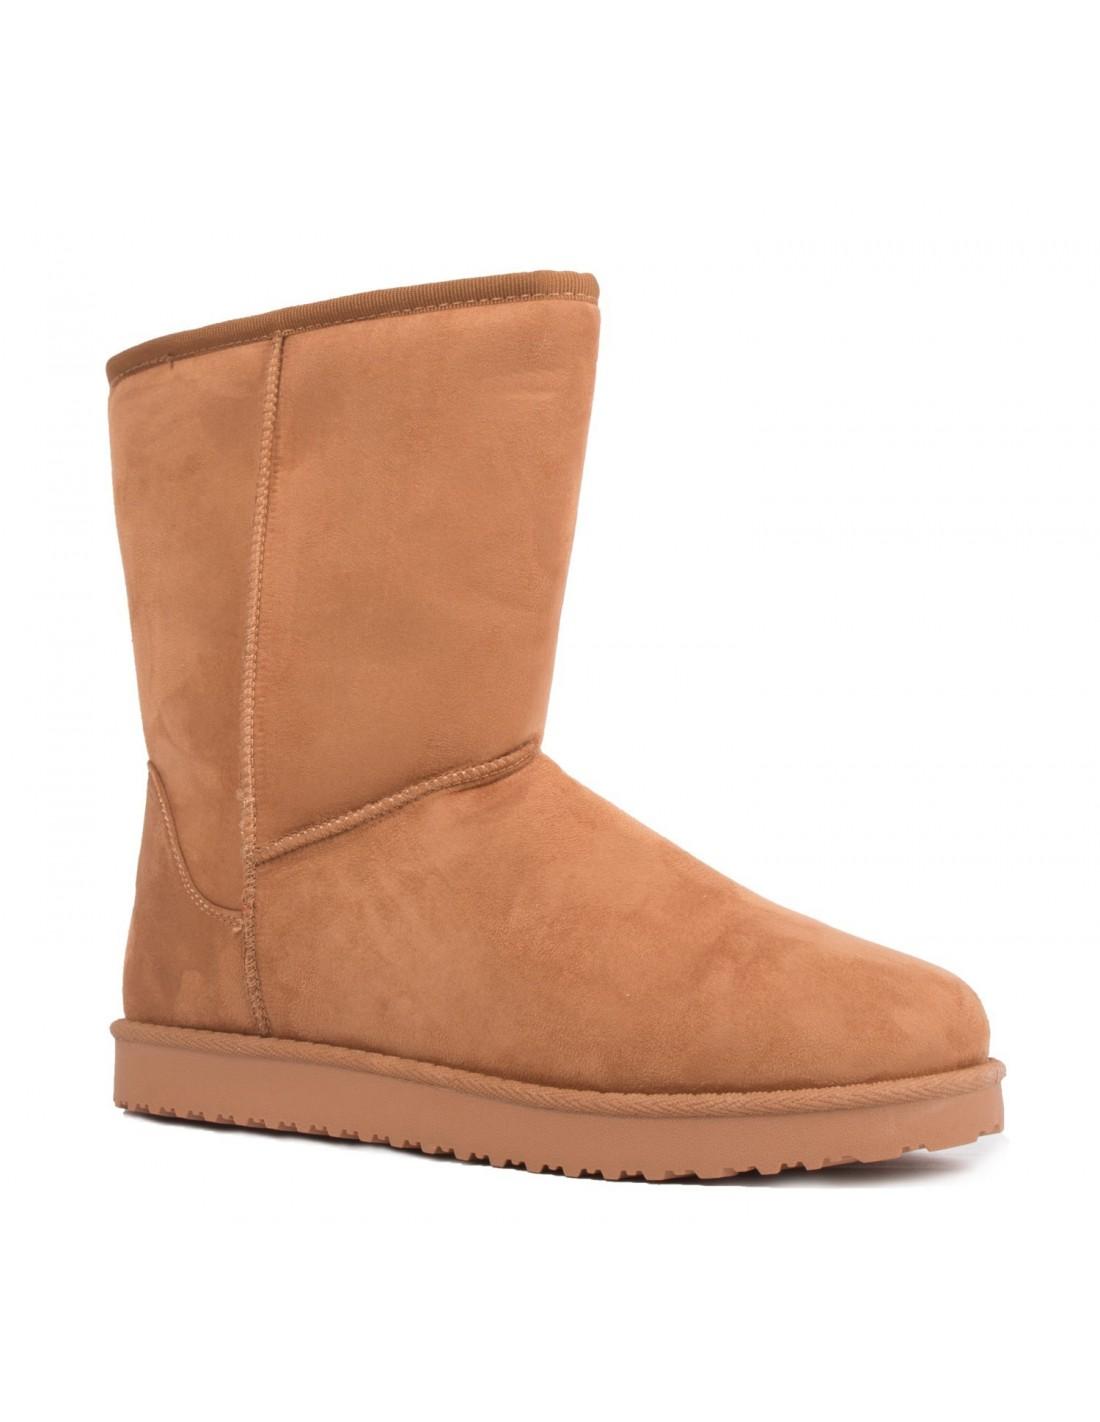 bottes femme pas cher grandes pointures,bottes femme en cuir